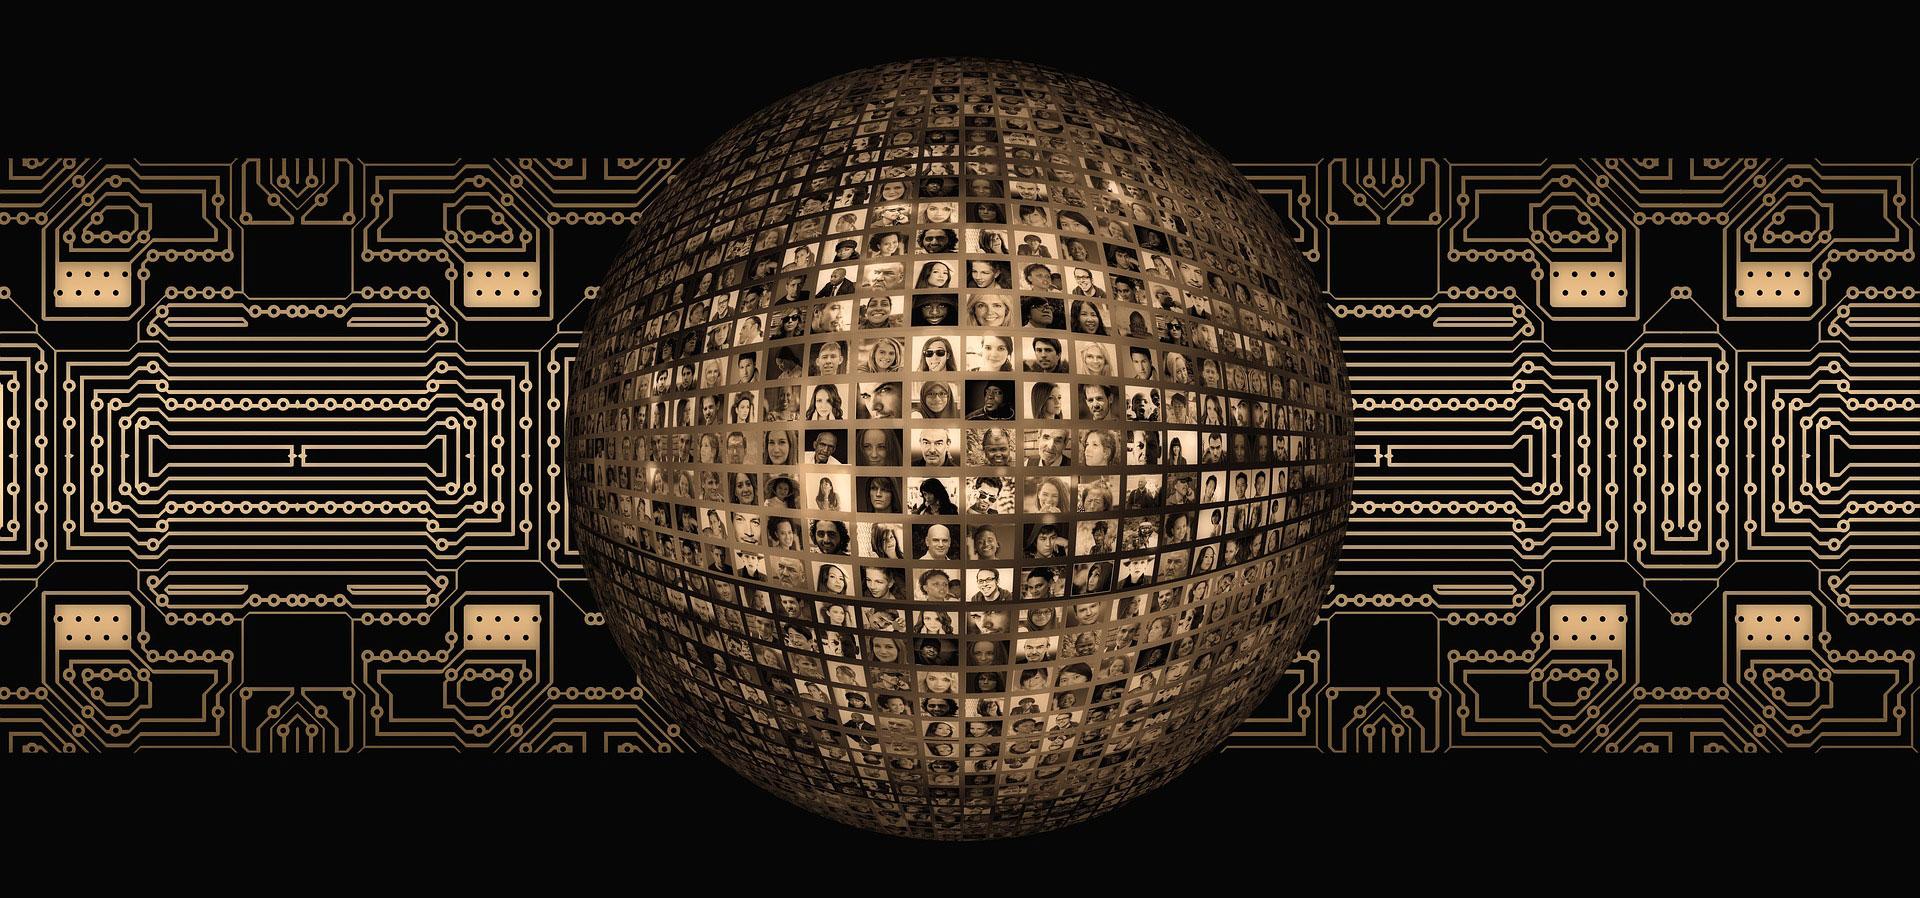 pixabay.com | geralt | Wie kann man feststellen, wer wirklich ein weltweit renommierter Wissenschaftler ist?